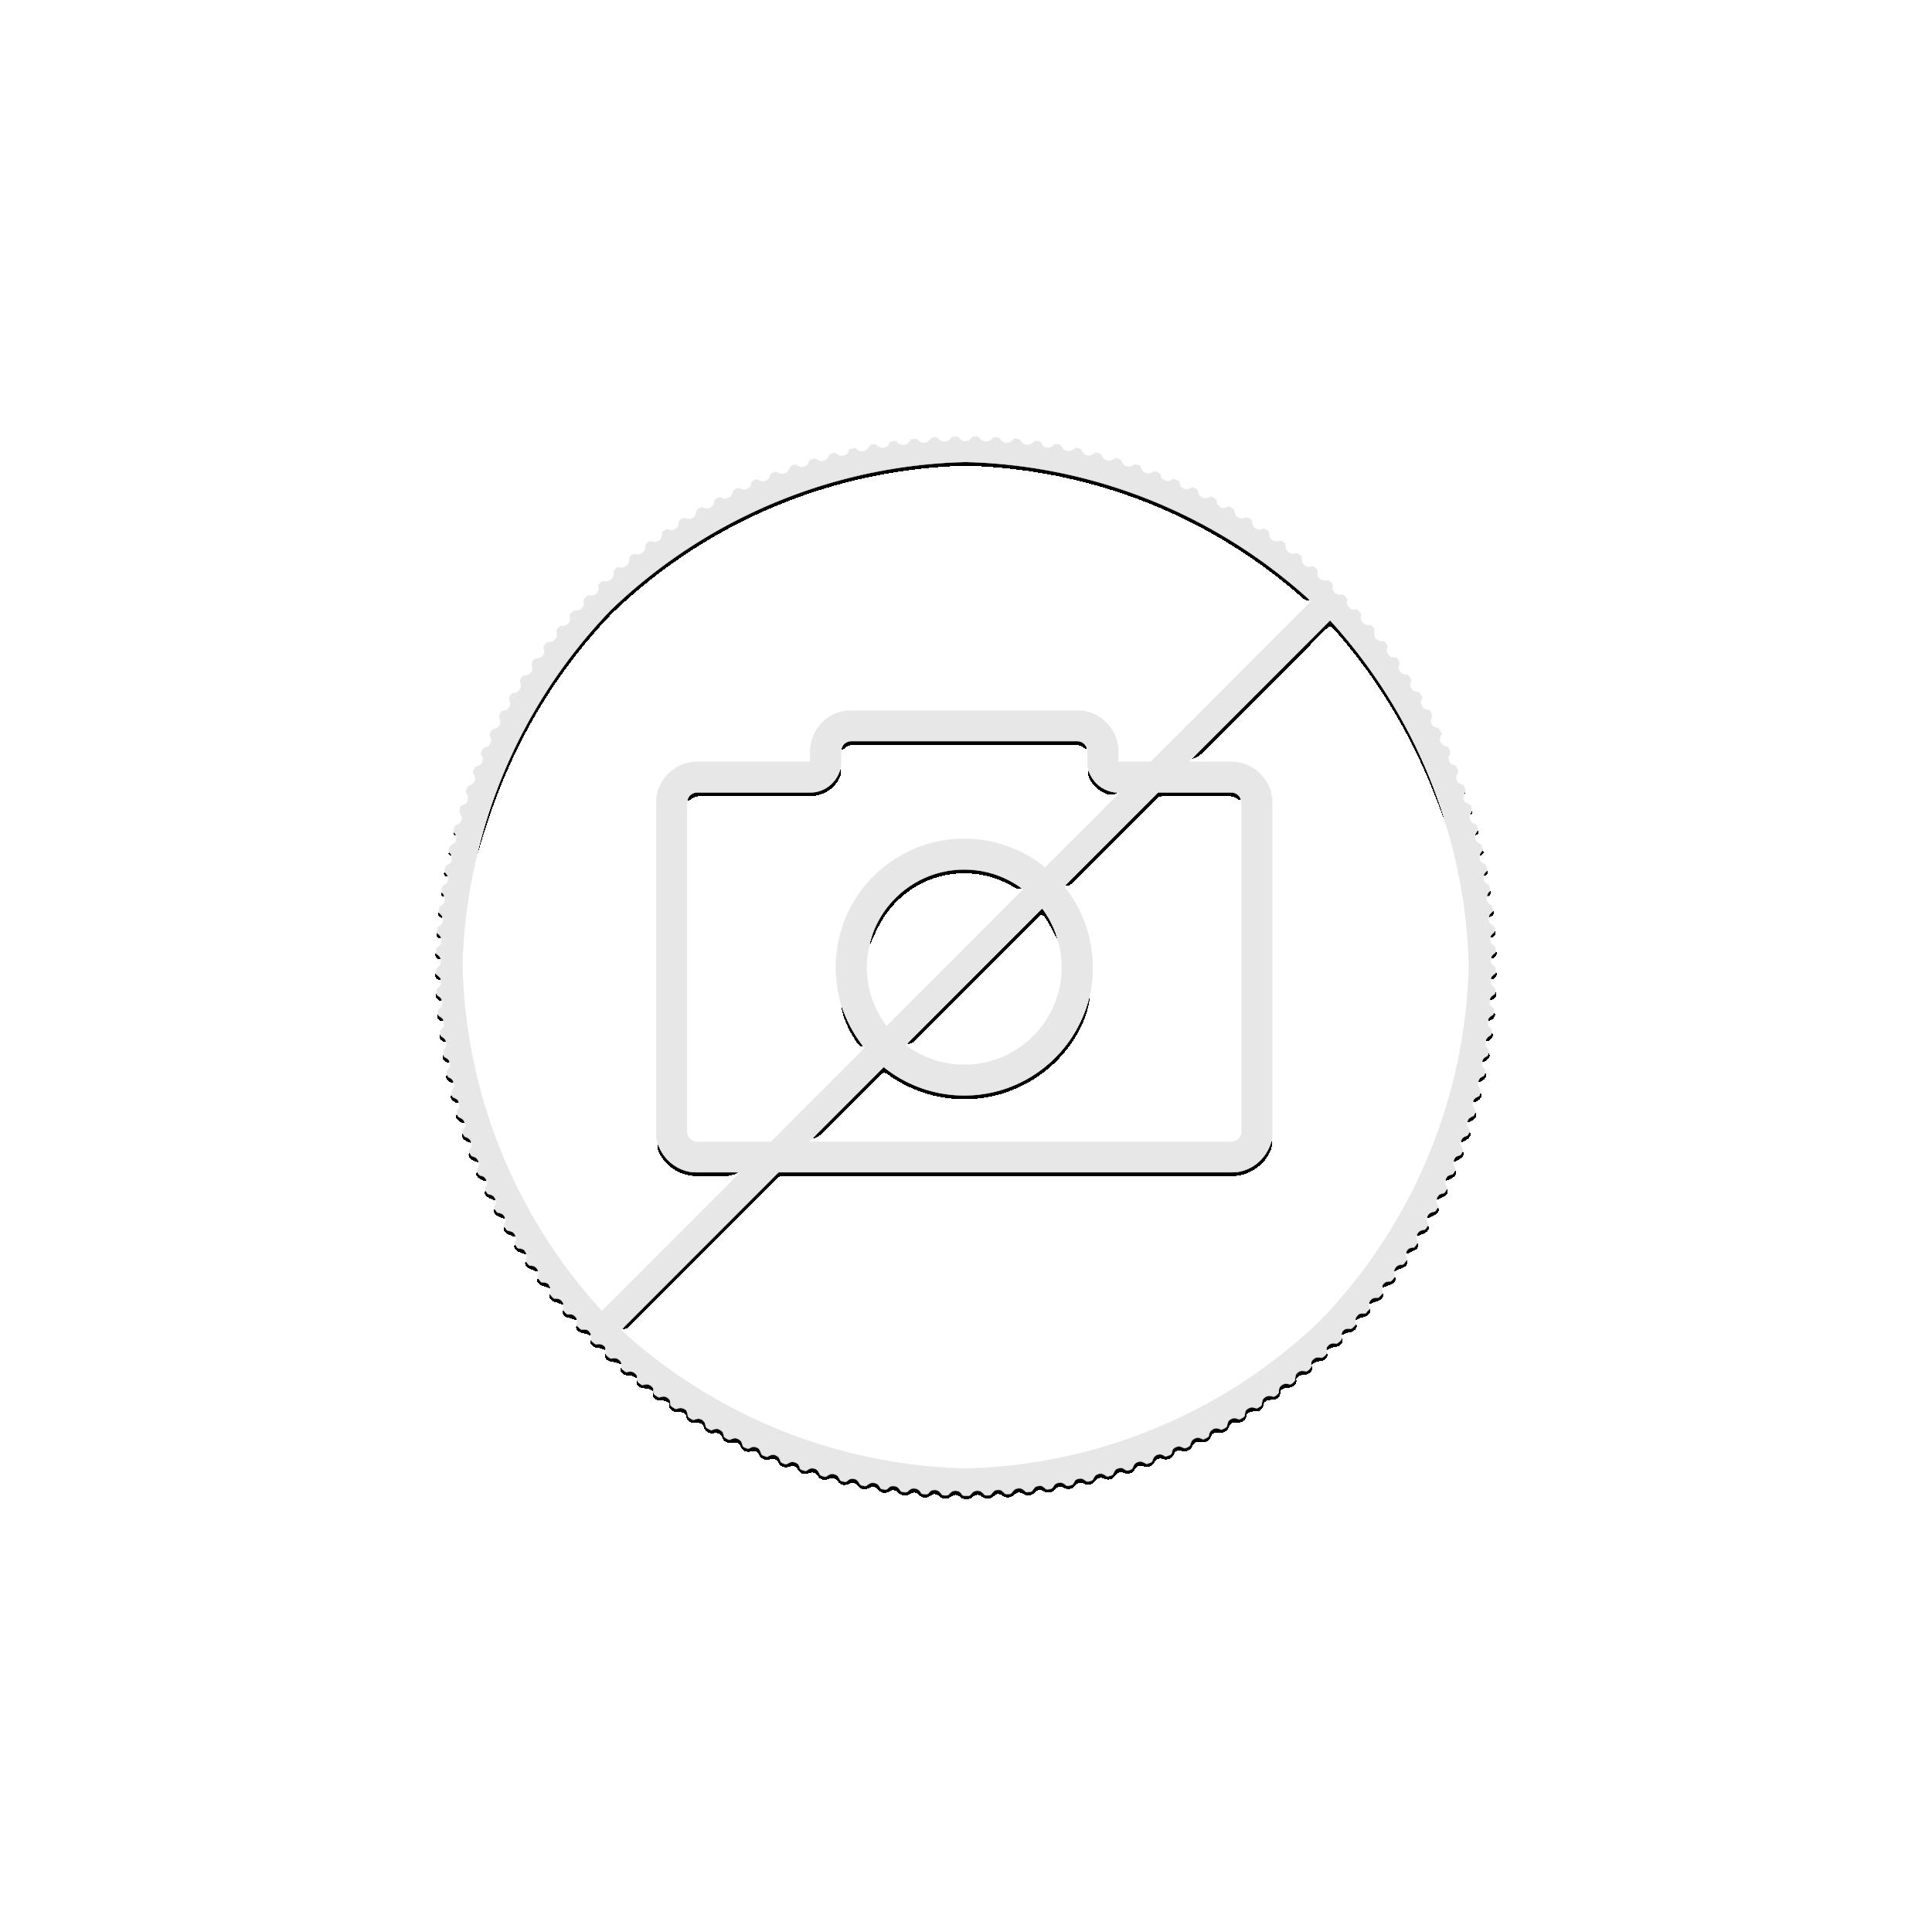 Palladium baar Credit Suisse